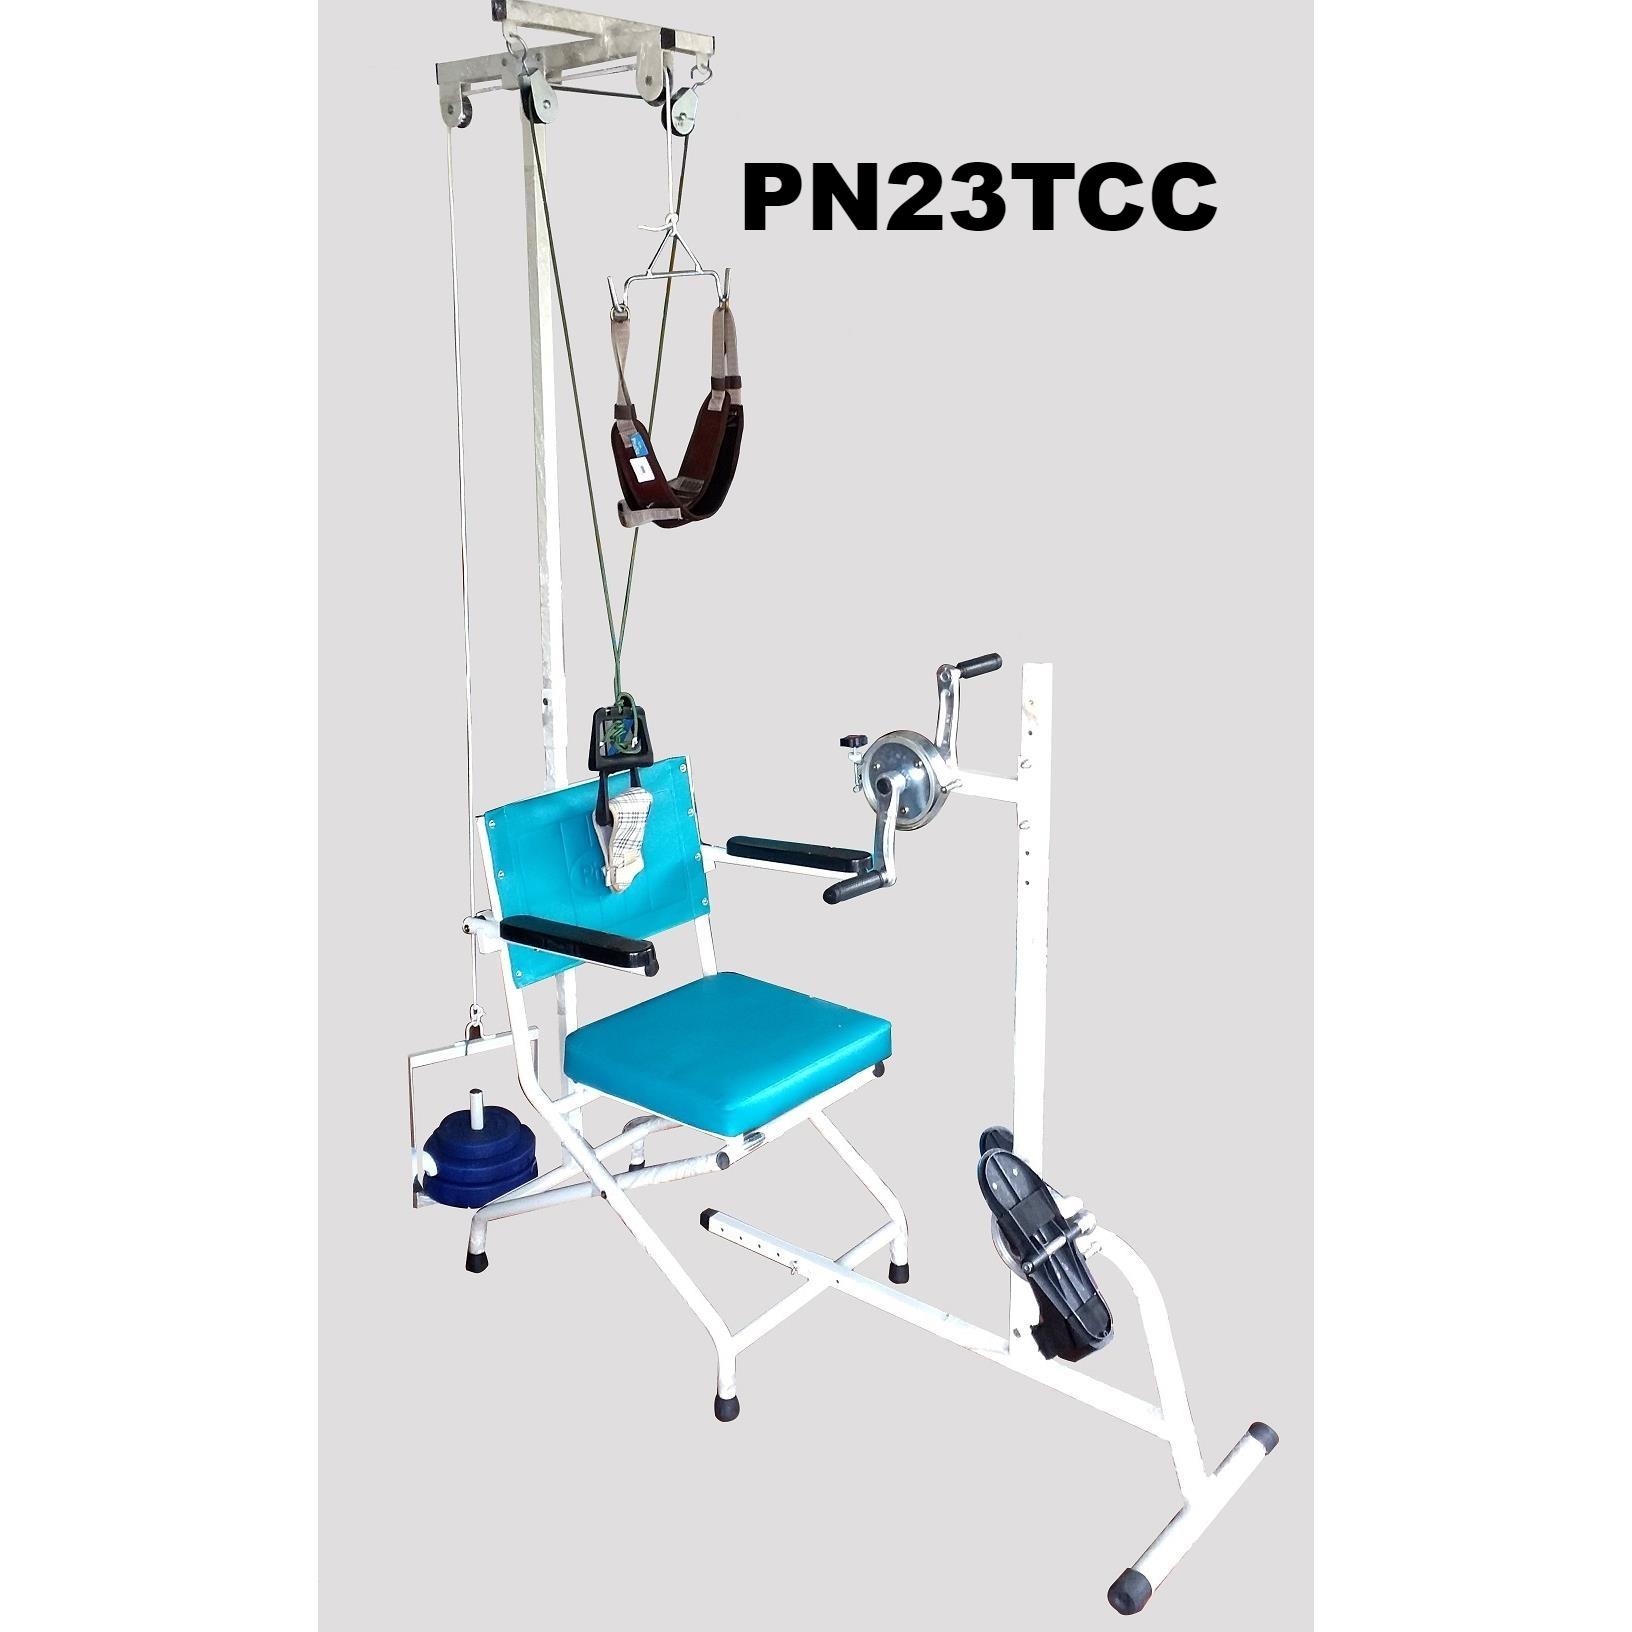 PN23TCC - Ghế tập mạnh tay chân + kéo cổ